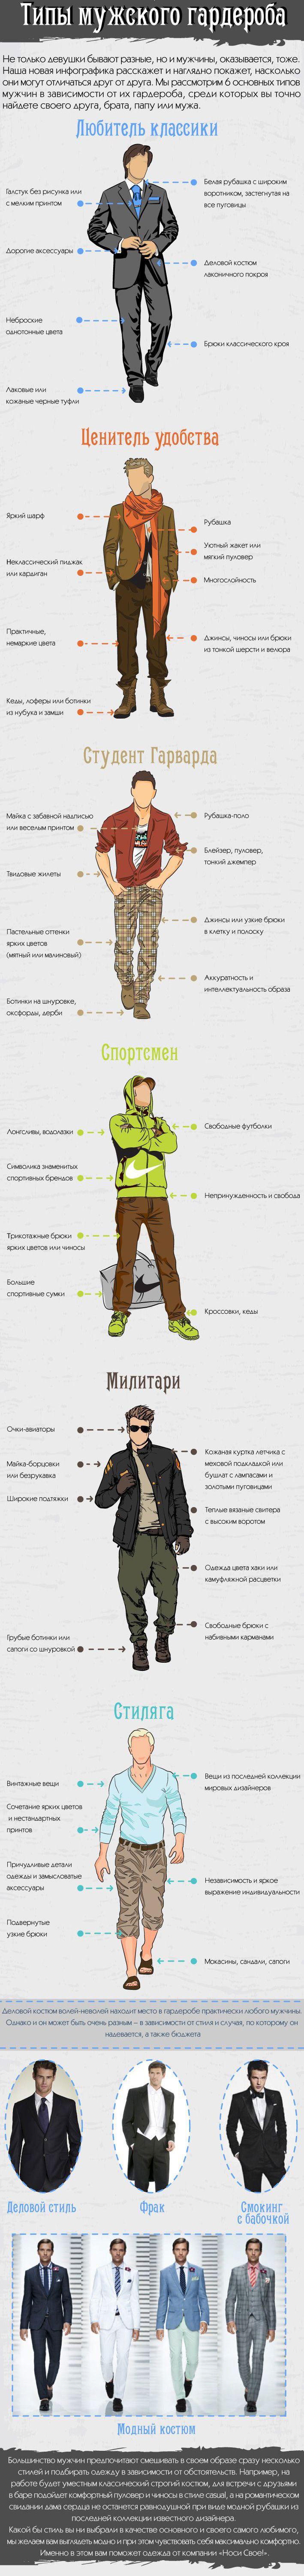 Типы мужского гардероба. А какой стиль Вам нравится больше?